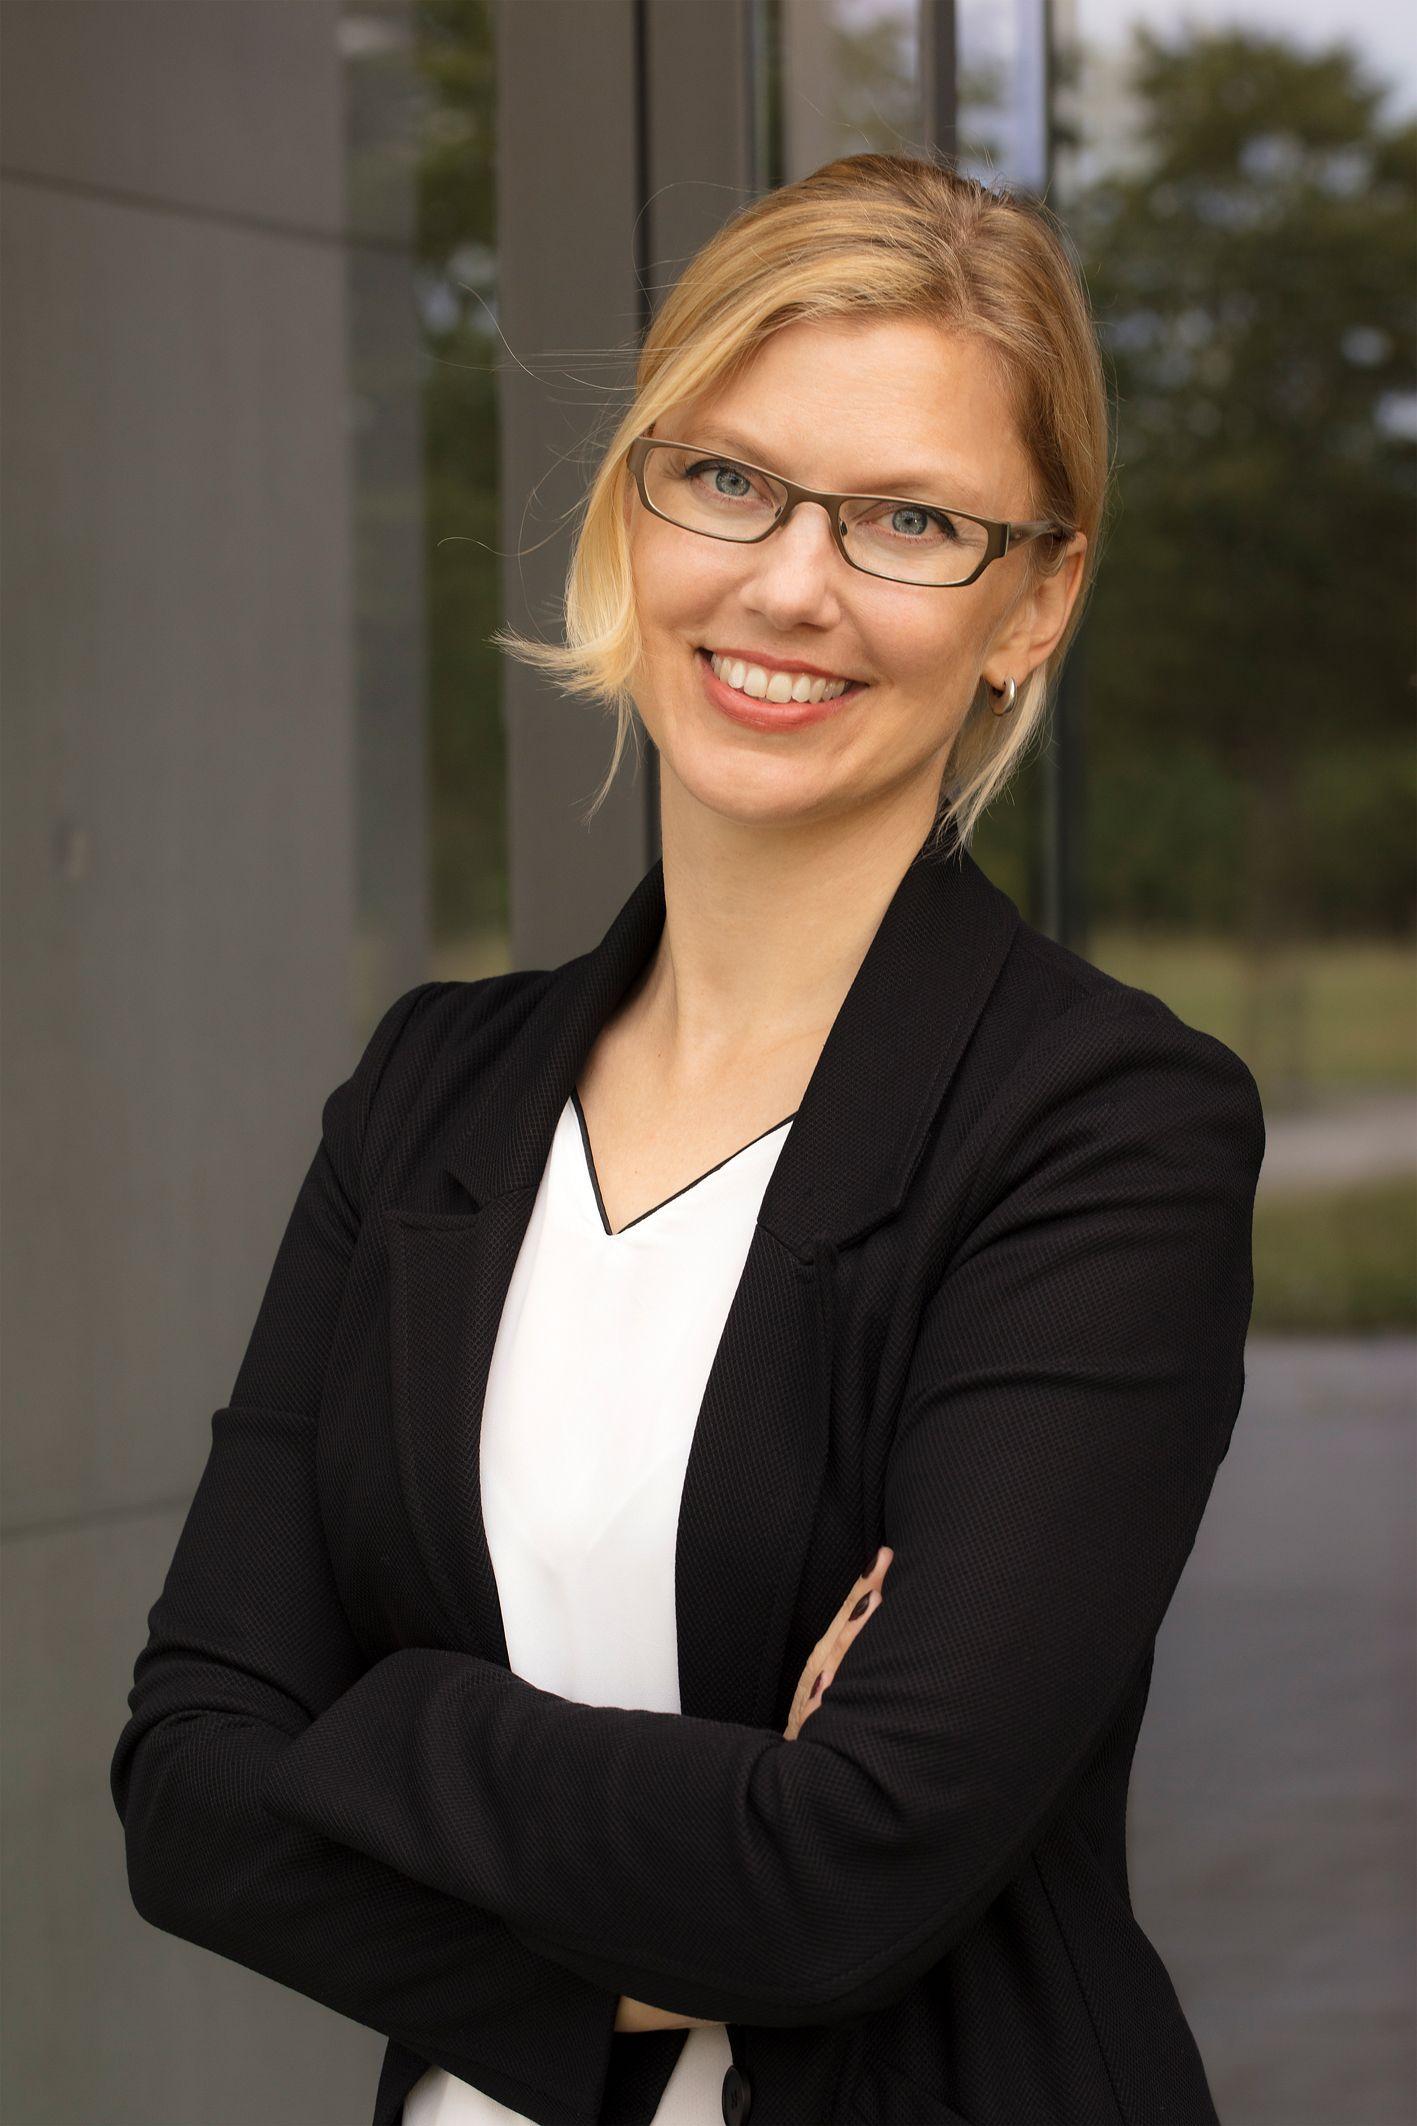 Danielle Rietsch